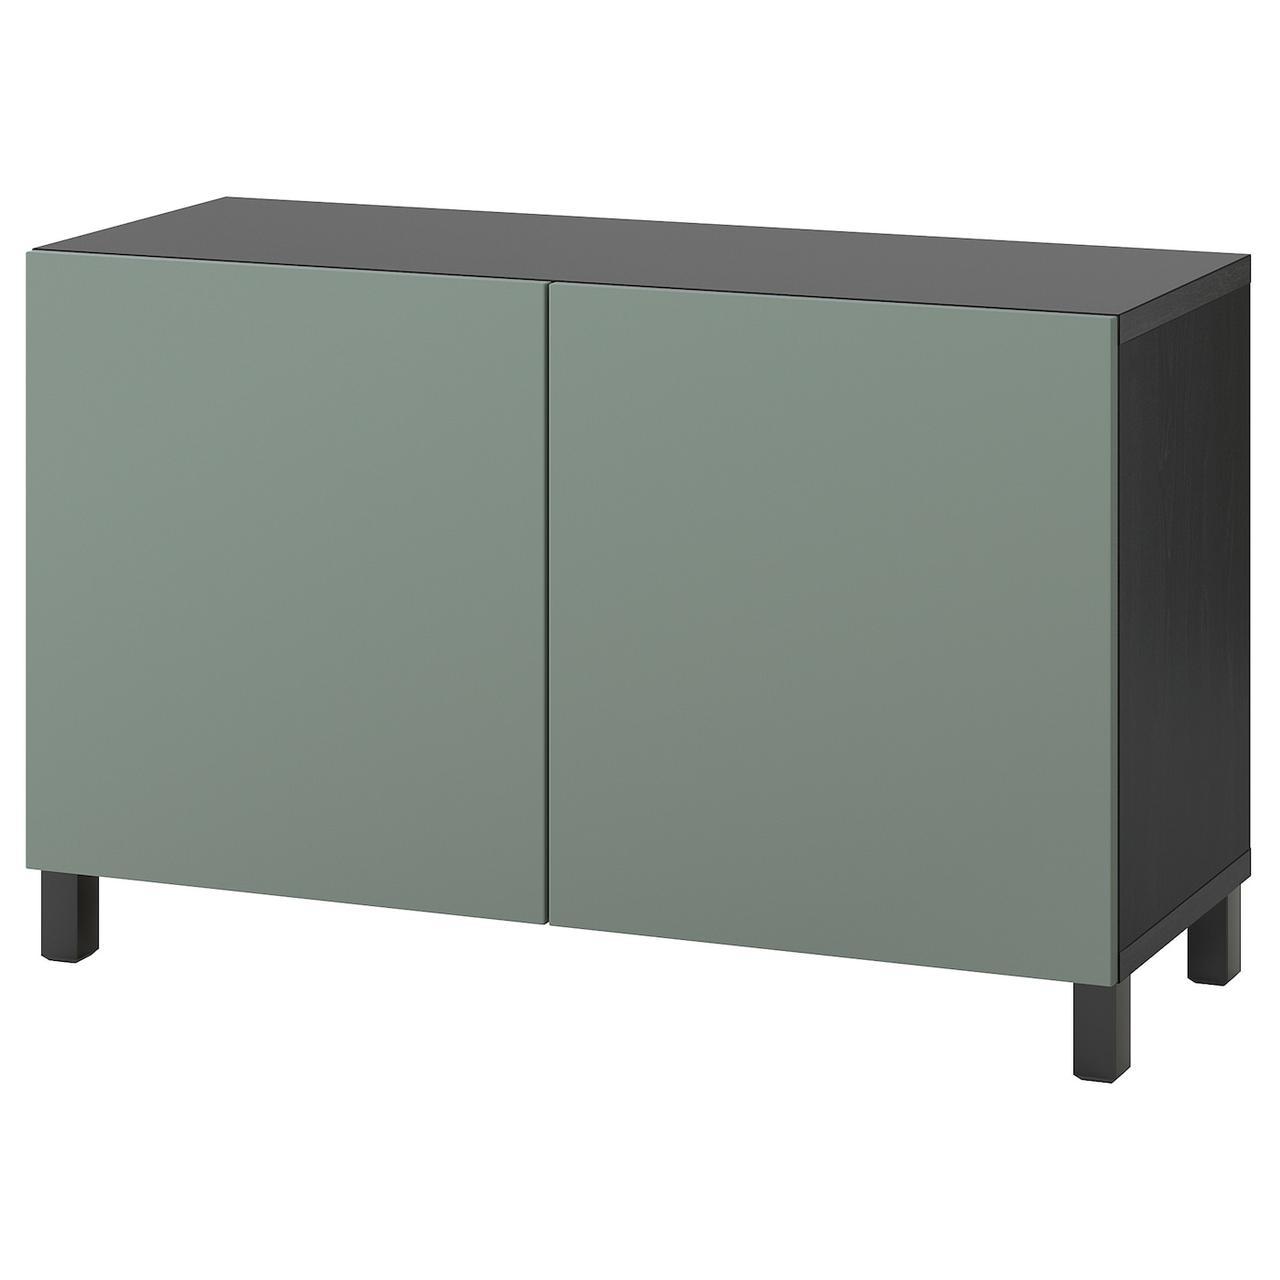 IKEA BESTA Тумба под телевизор 120x42x74 см (393.027.42), фото 1